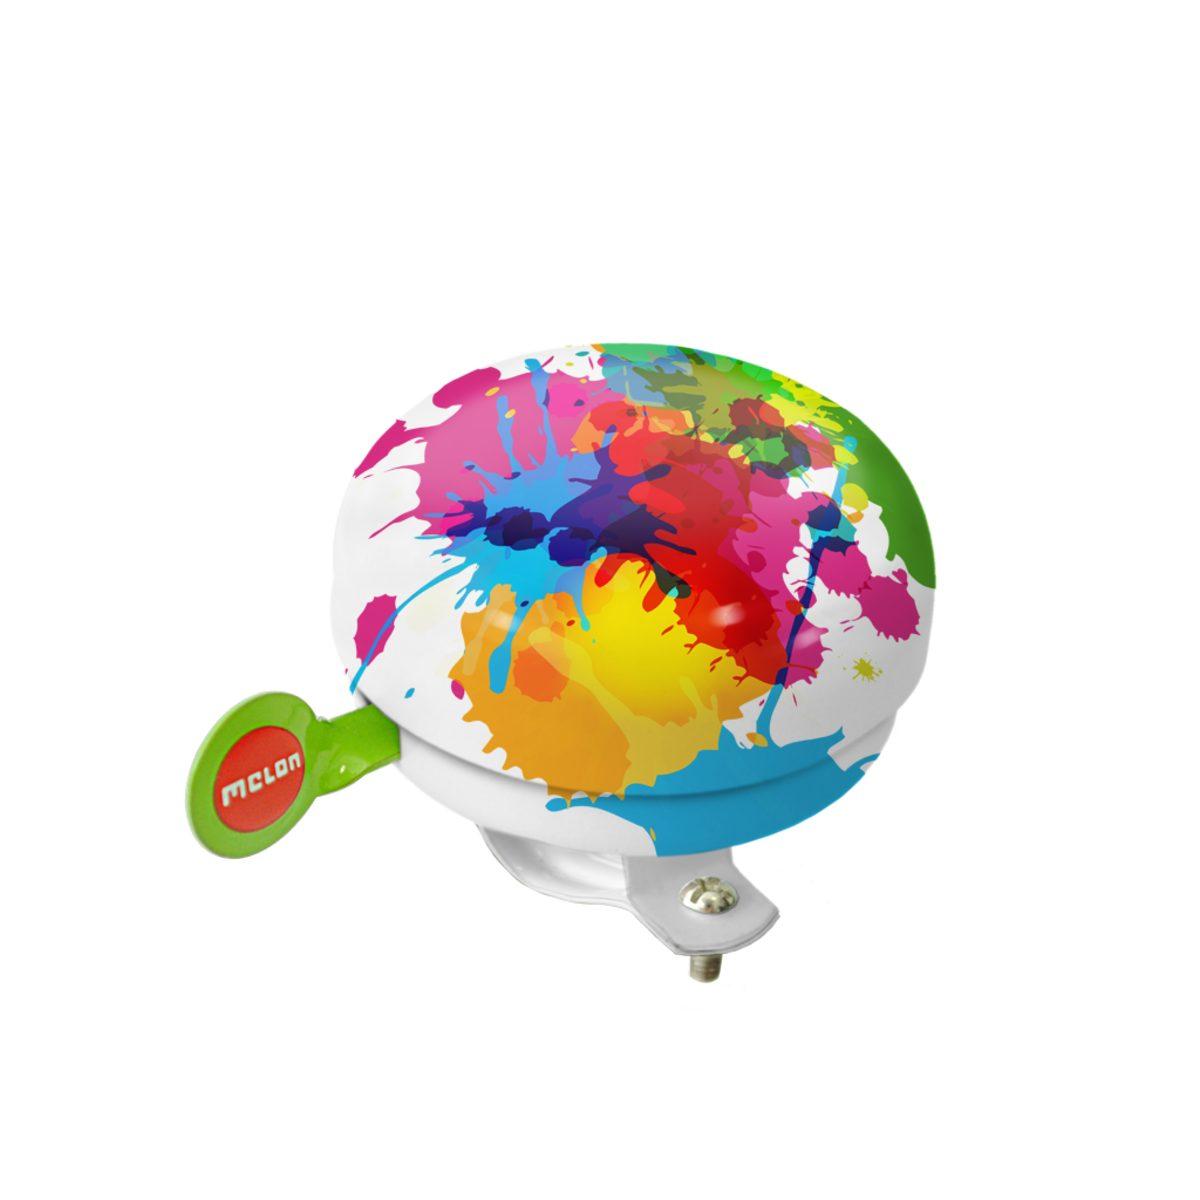 Melon Zubehör »Fahrradklingel Coloursplash«